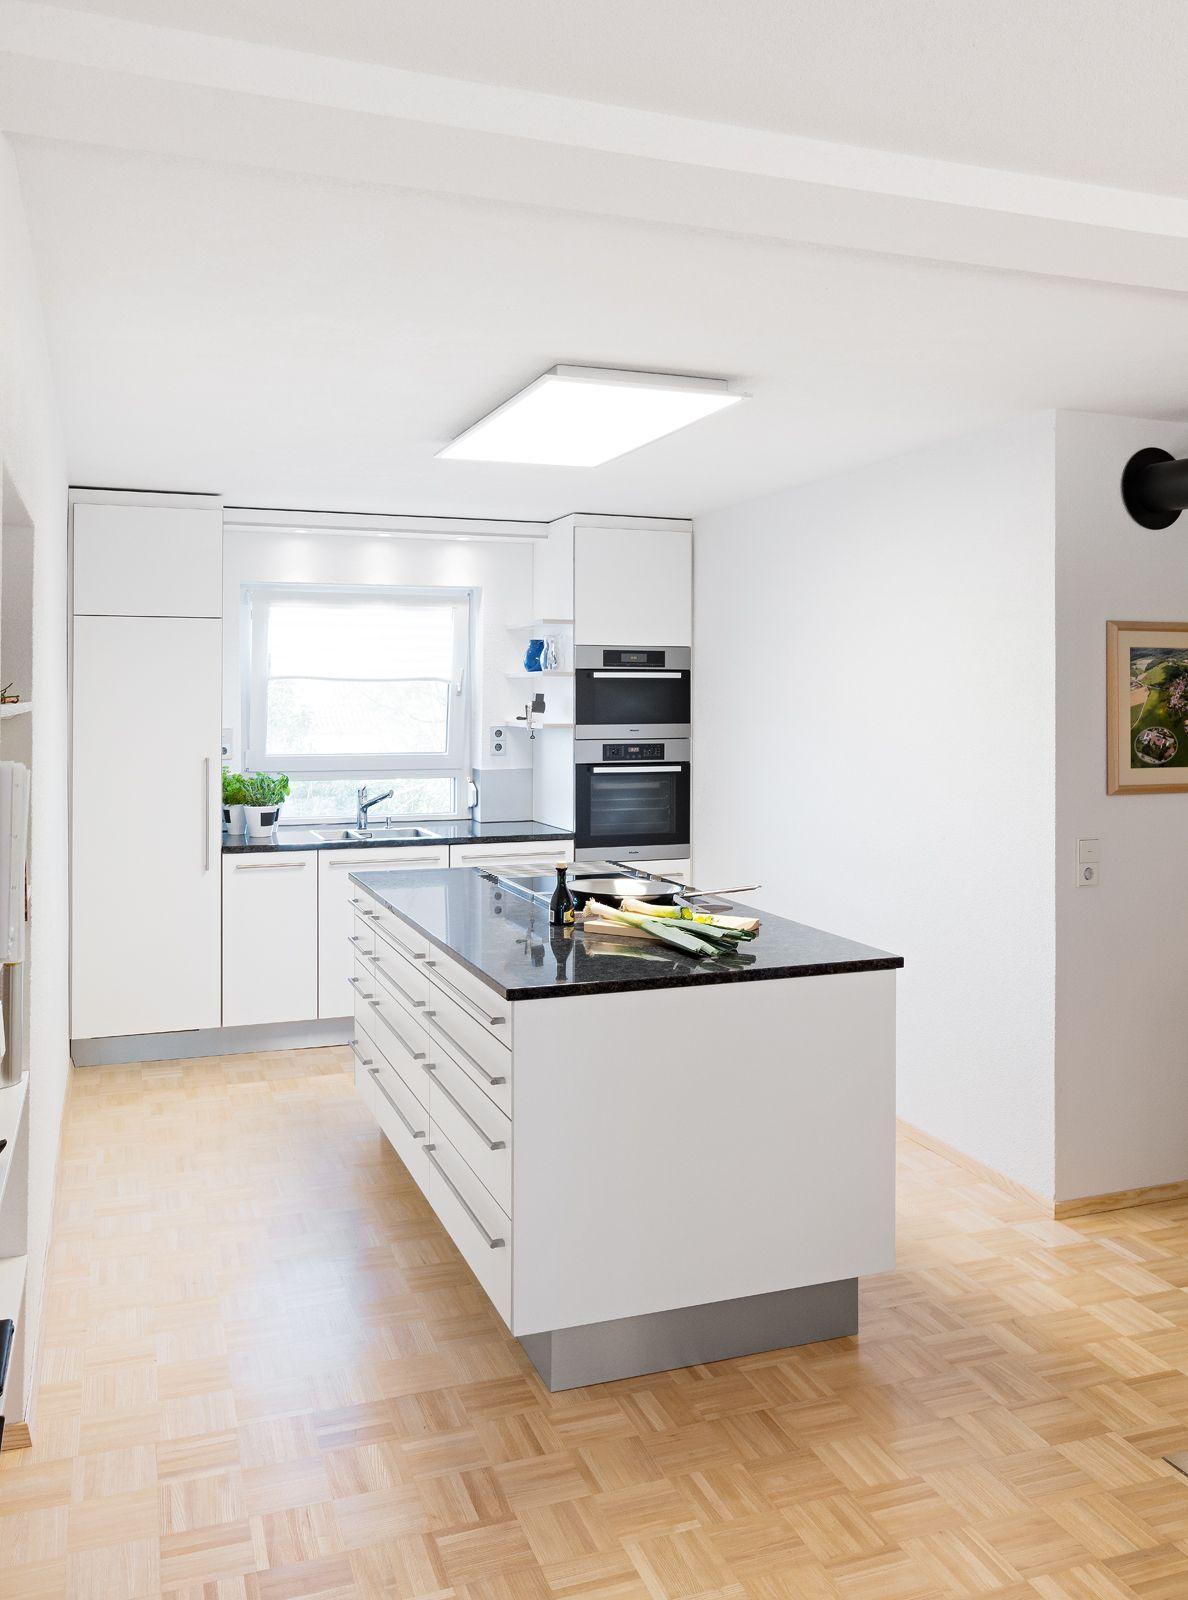 Moderne Weisse Kuche Mit Edelstahlgriffen Kochinsel Mit Dunkler Arbeitsplatte Und Dunstabzug Nach Unten